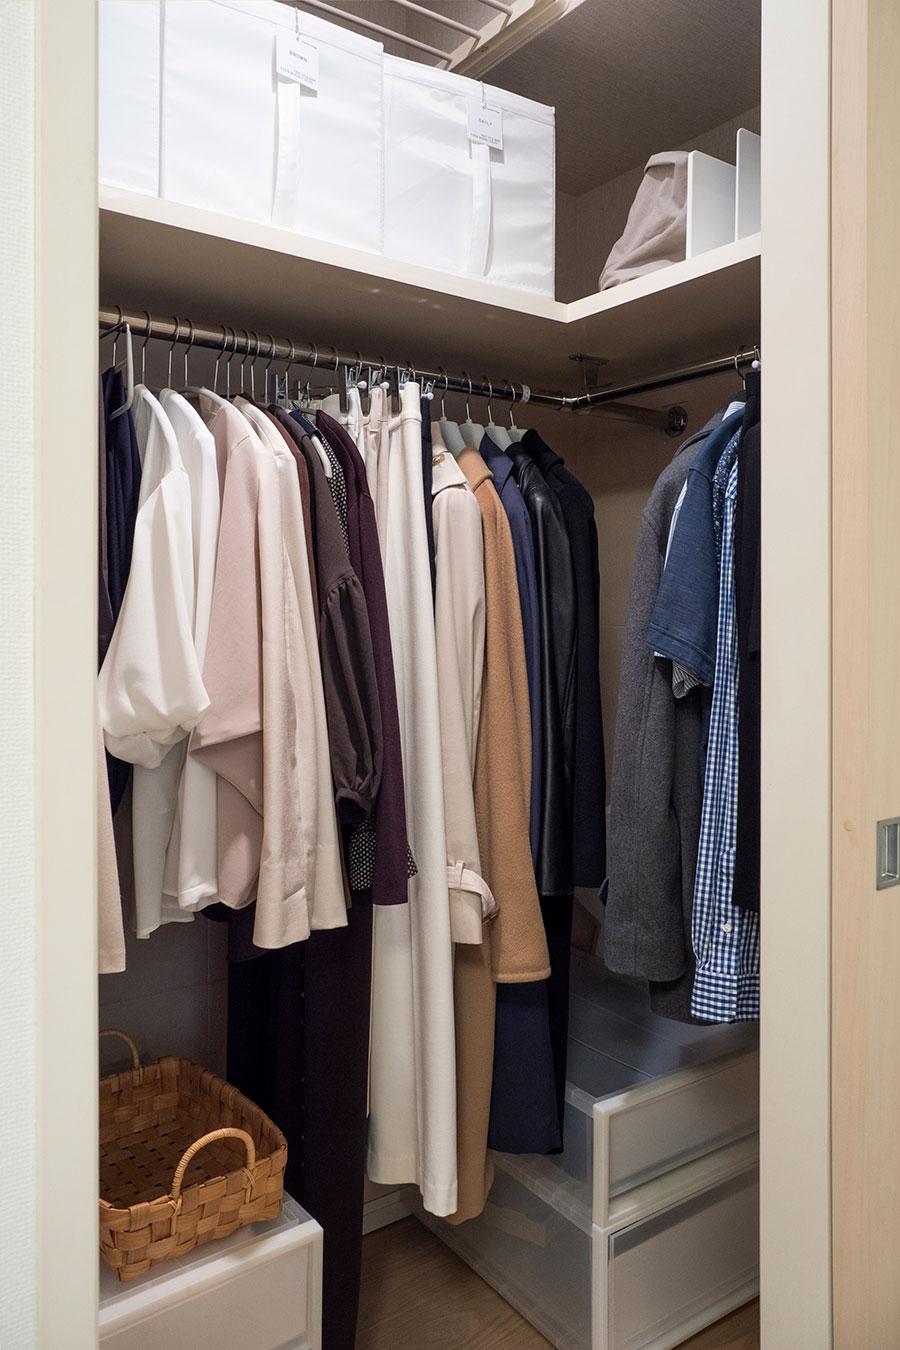 夫とふたりで使っているクローゼット。手前の1列がむらさきさんの1年分のかけておく衣類。上段はボックスを使って色別にバッグを収納。よく使うバッグは上段の右側に、ブックスタンドで立たせている。